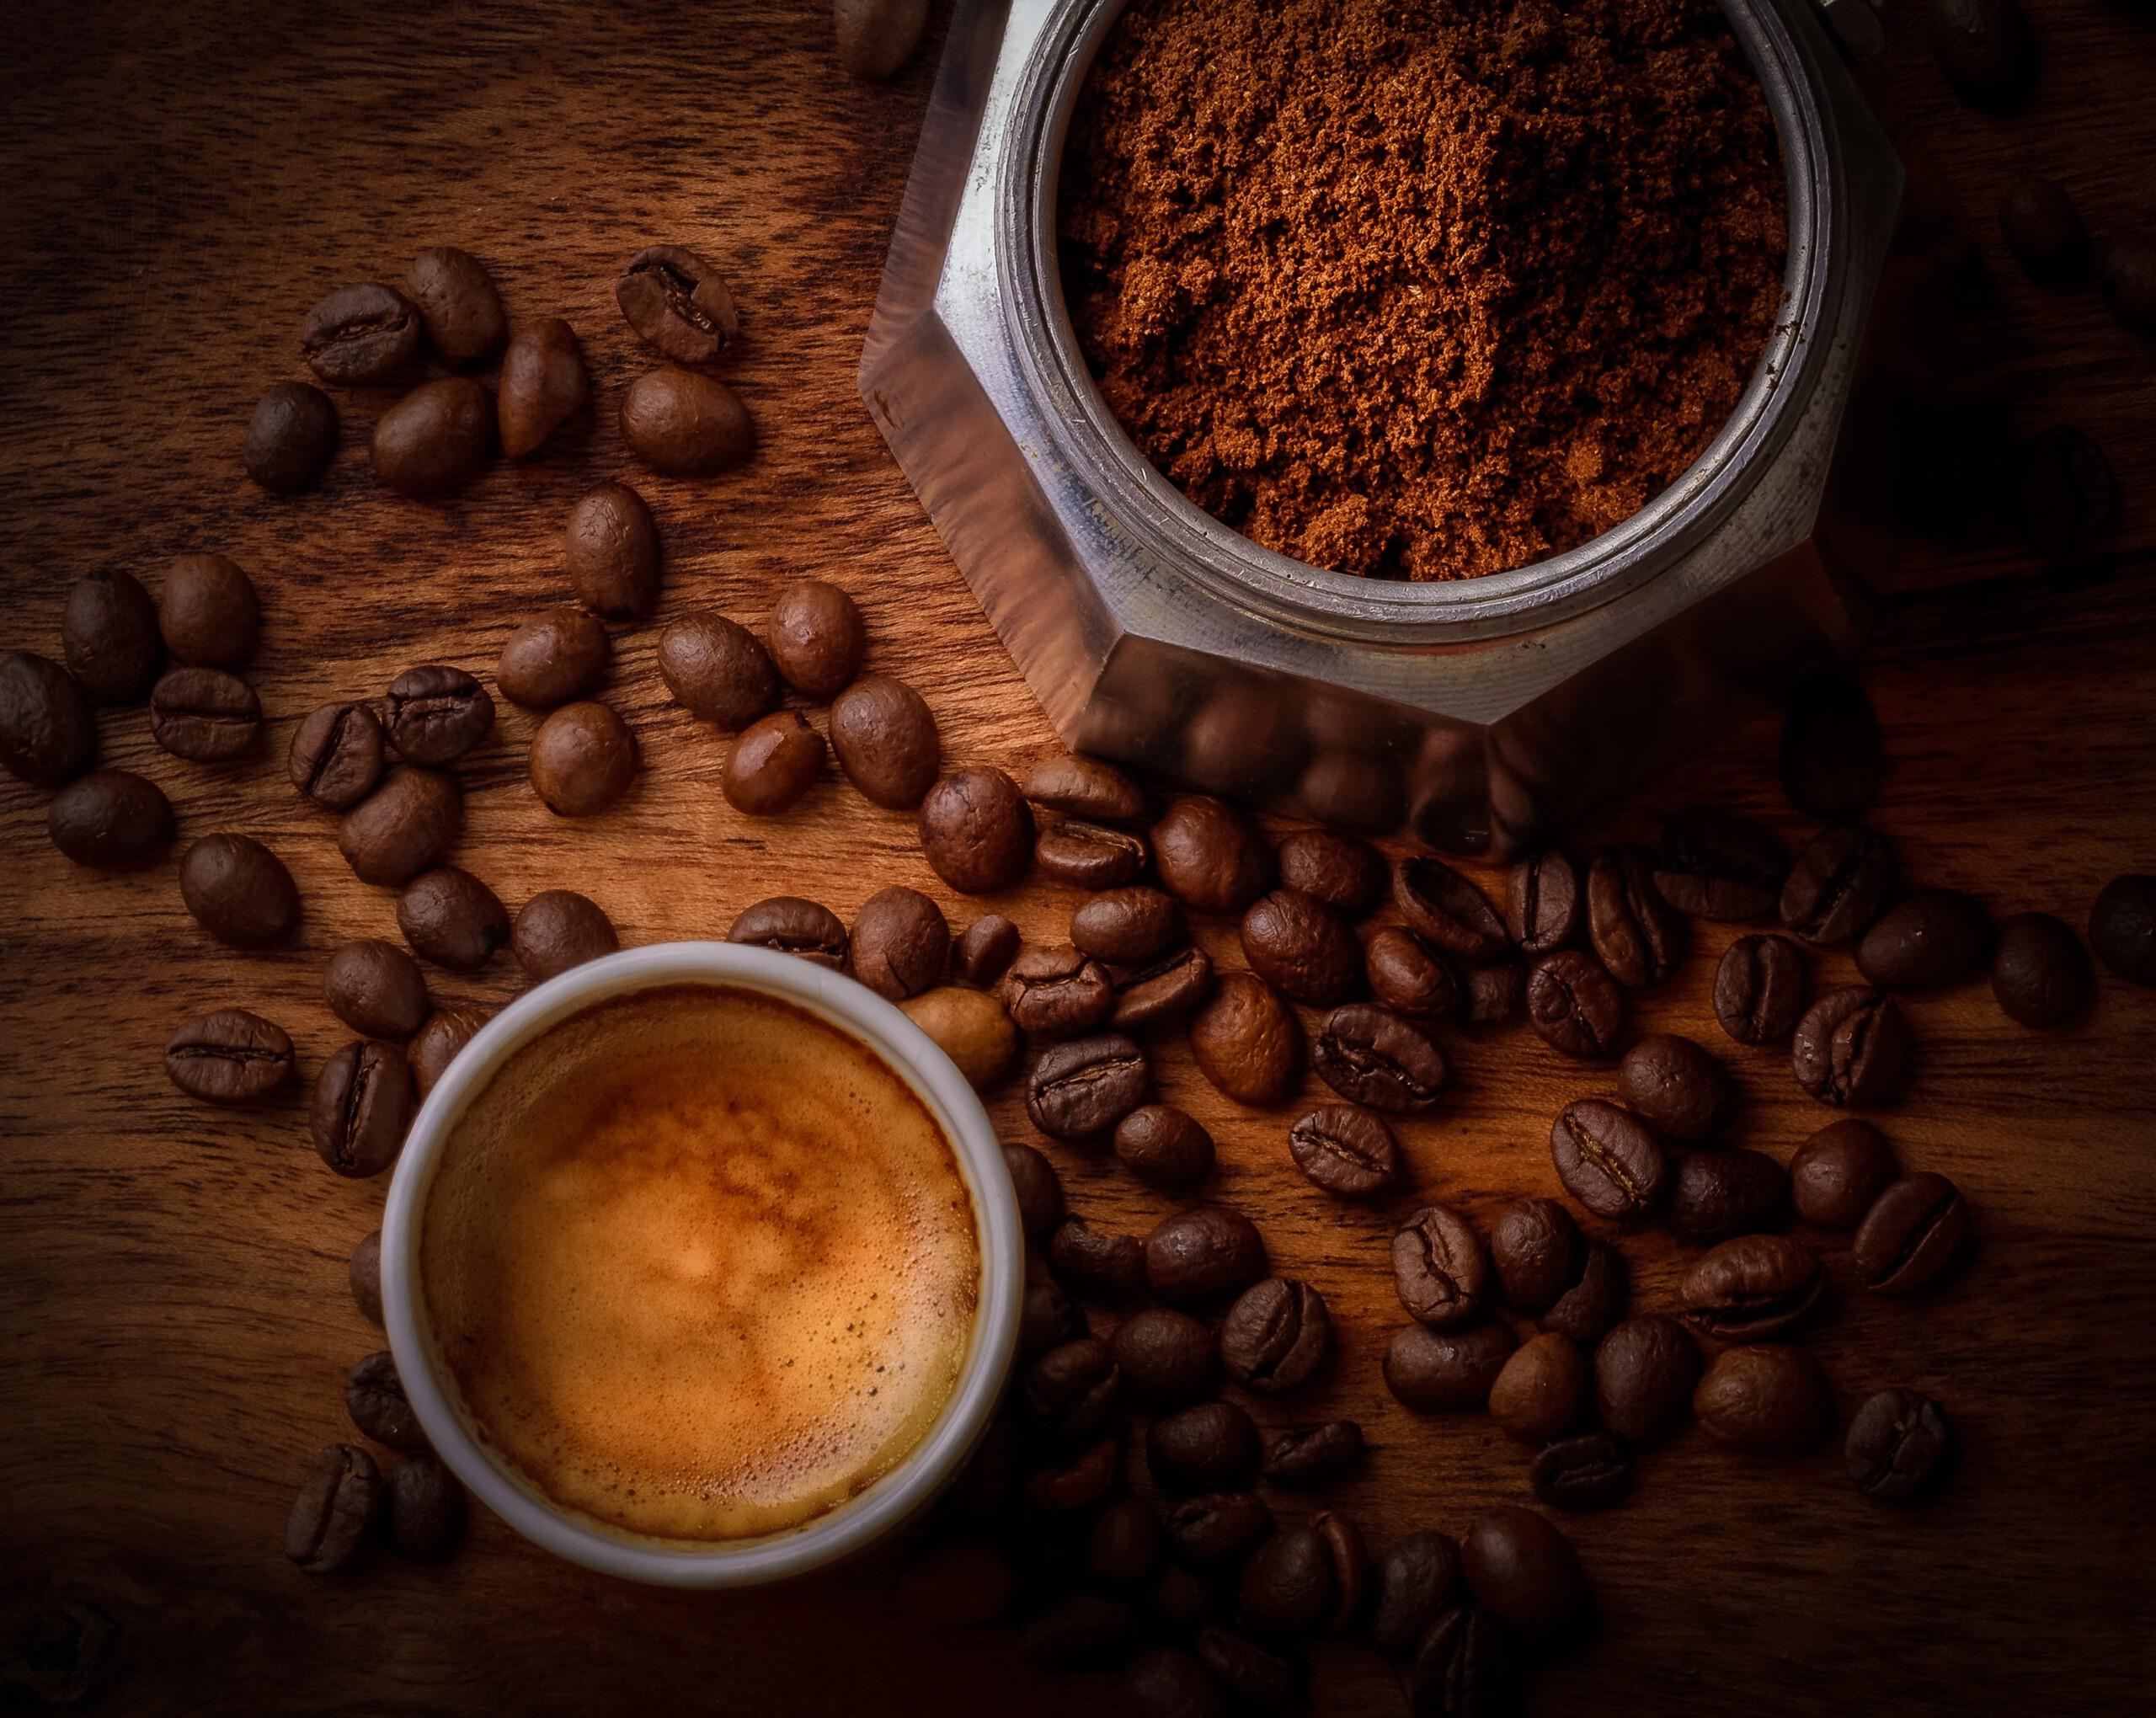 Czy kawa jest zdrowa? Czy warto ją pić i nie obawiać się szkodliwości?